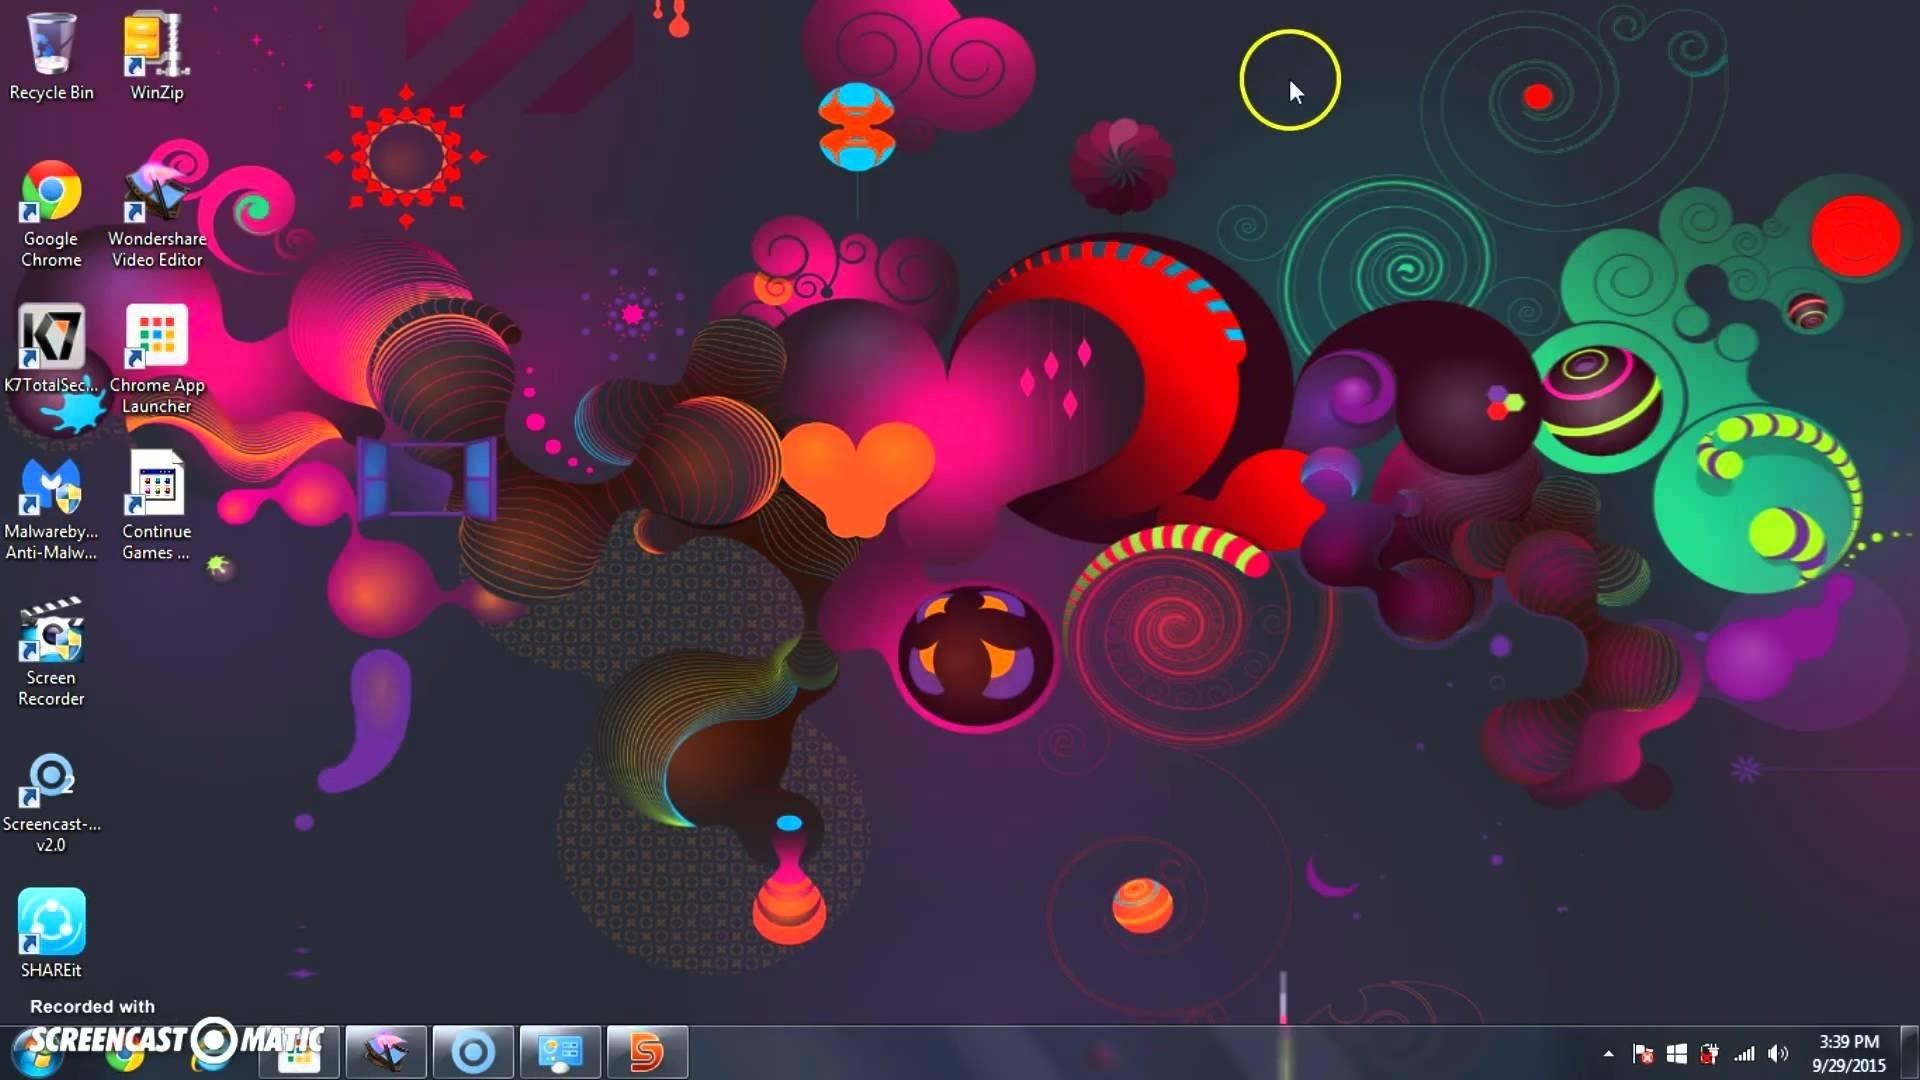 Live Desktop Wallpaper 57 Images